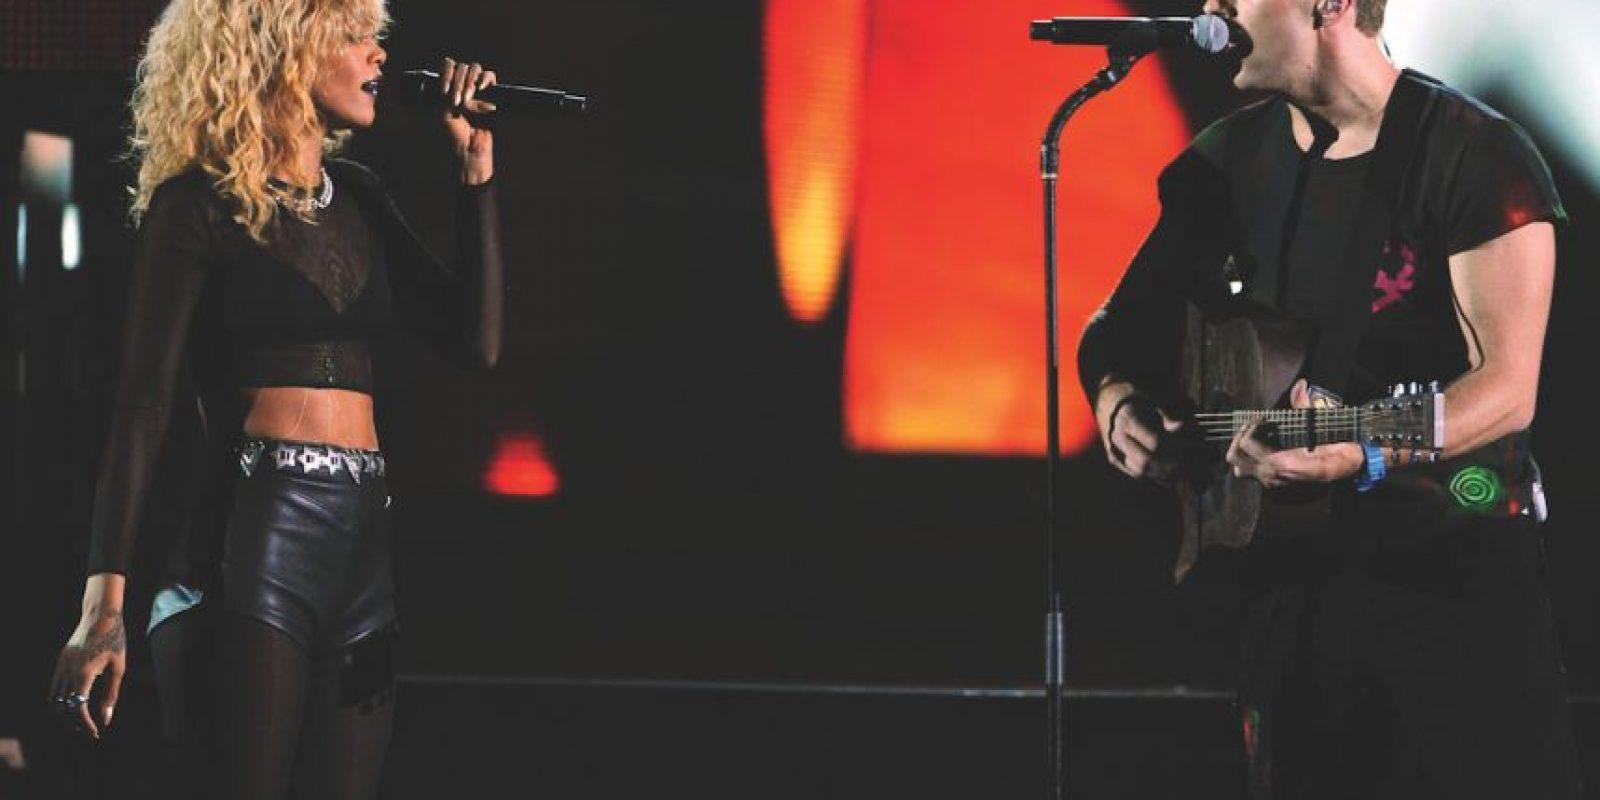 """Coldplay con Rihanna – """"Princess of China"""" (2012) La colaboración vio el 'acoplamiento consciente' de Rihanna y Chris Martin de Coldplay, ajustado a un tema pseudo-Samurai. Tras la colaboración, una """"noche de cita"""" de Martin y Rihanna en un restaurante en Santa Mónica tuvo al mundo Twitter con sobredosis de chismes. Foto:Getty Images"""